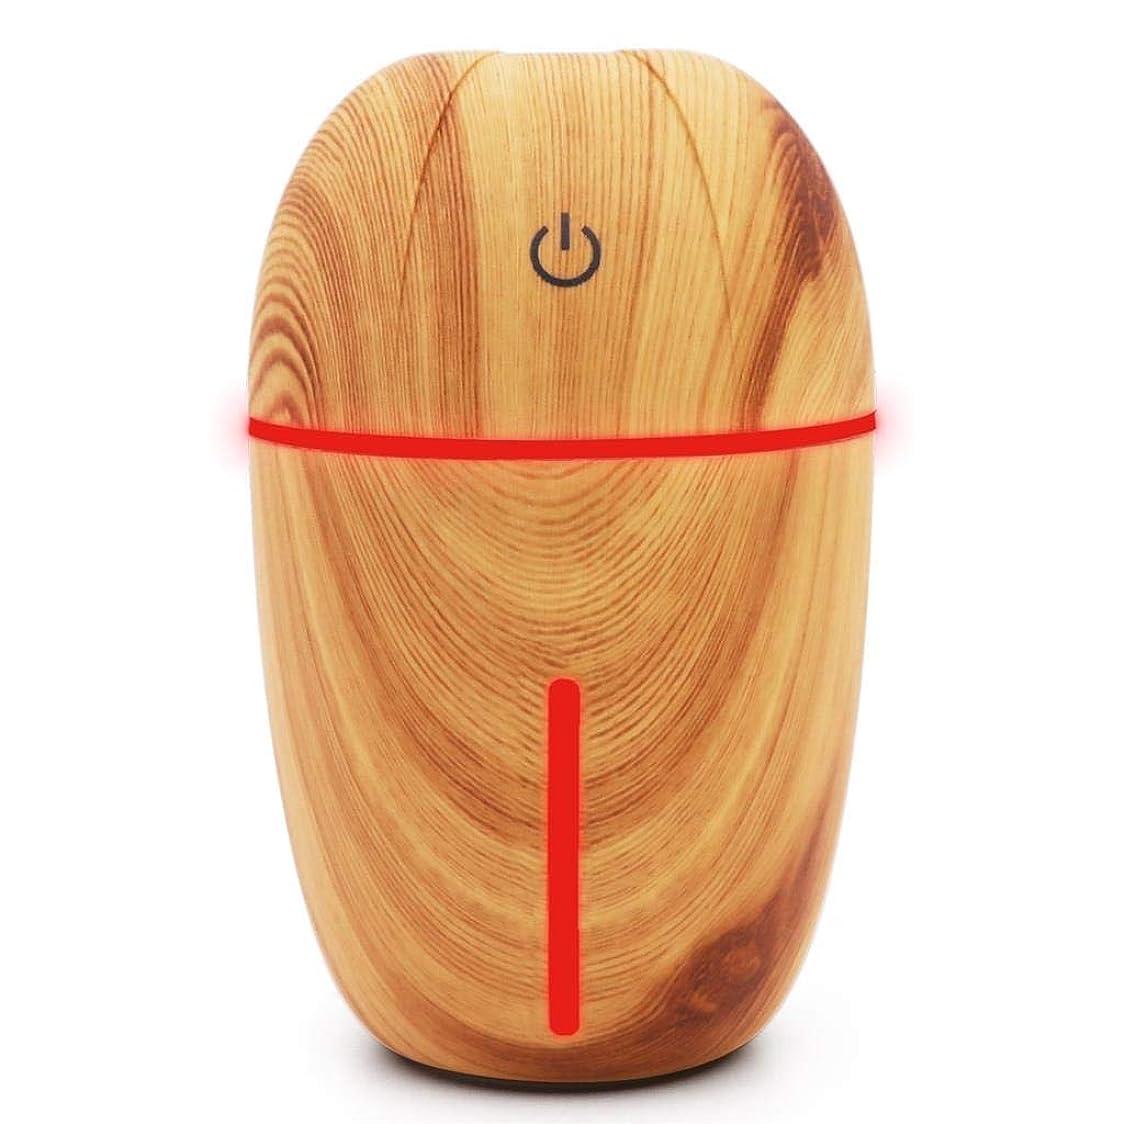 騒音30dB 以下 芳香 拡張器 清涼 薄霧 加湿器 ミスト アロマ フレグランス 癒し リラックス 調光 LED 寝室 (Color : Light wood grain)